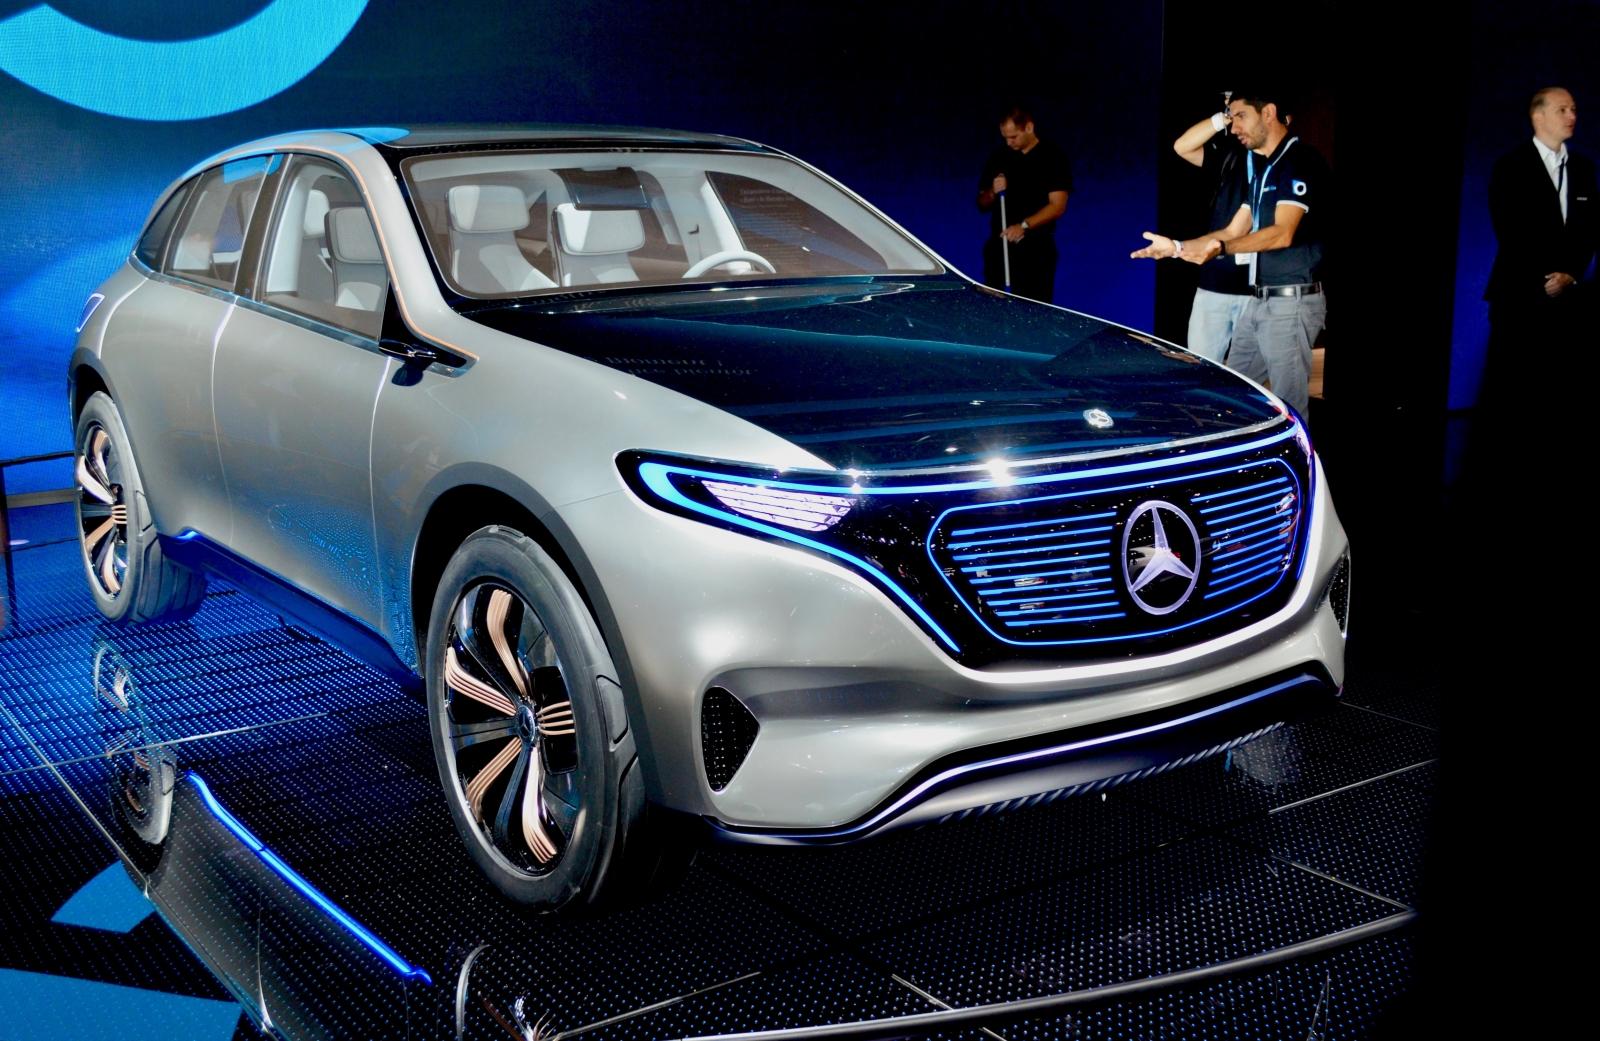 Mercedes Generation EQ concept car